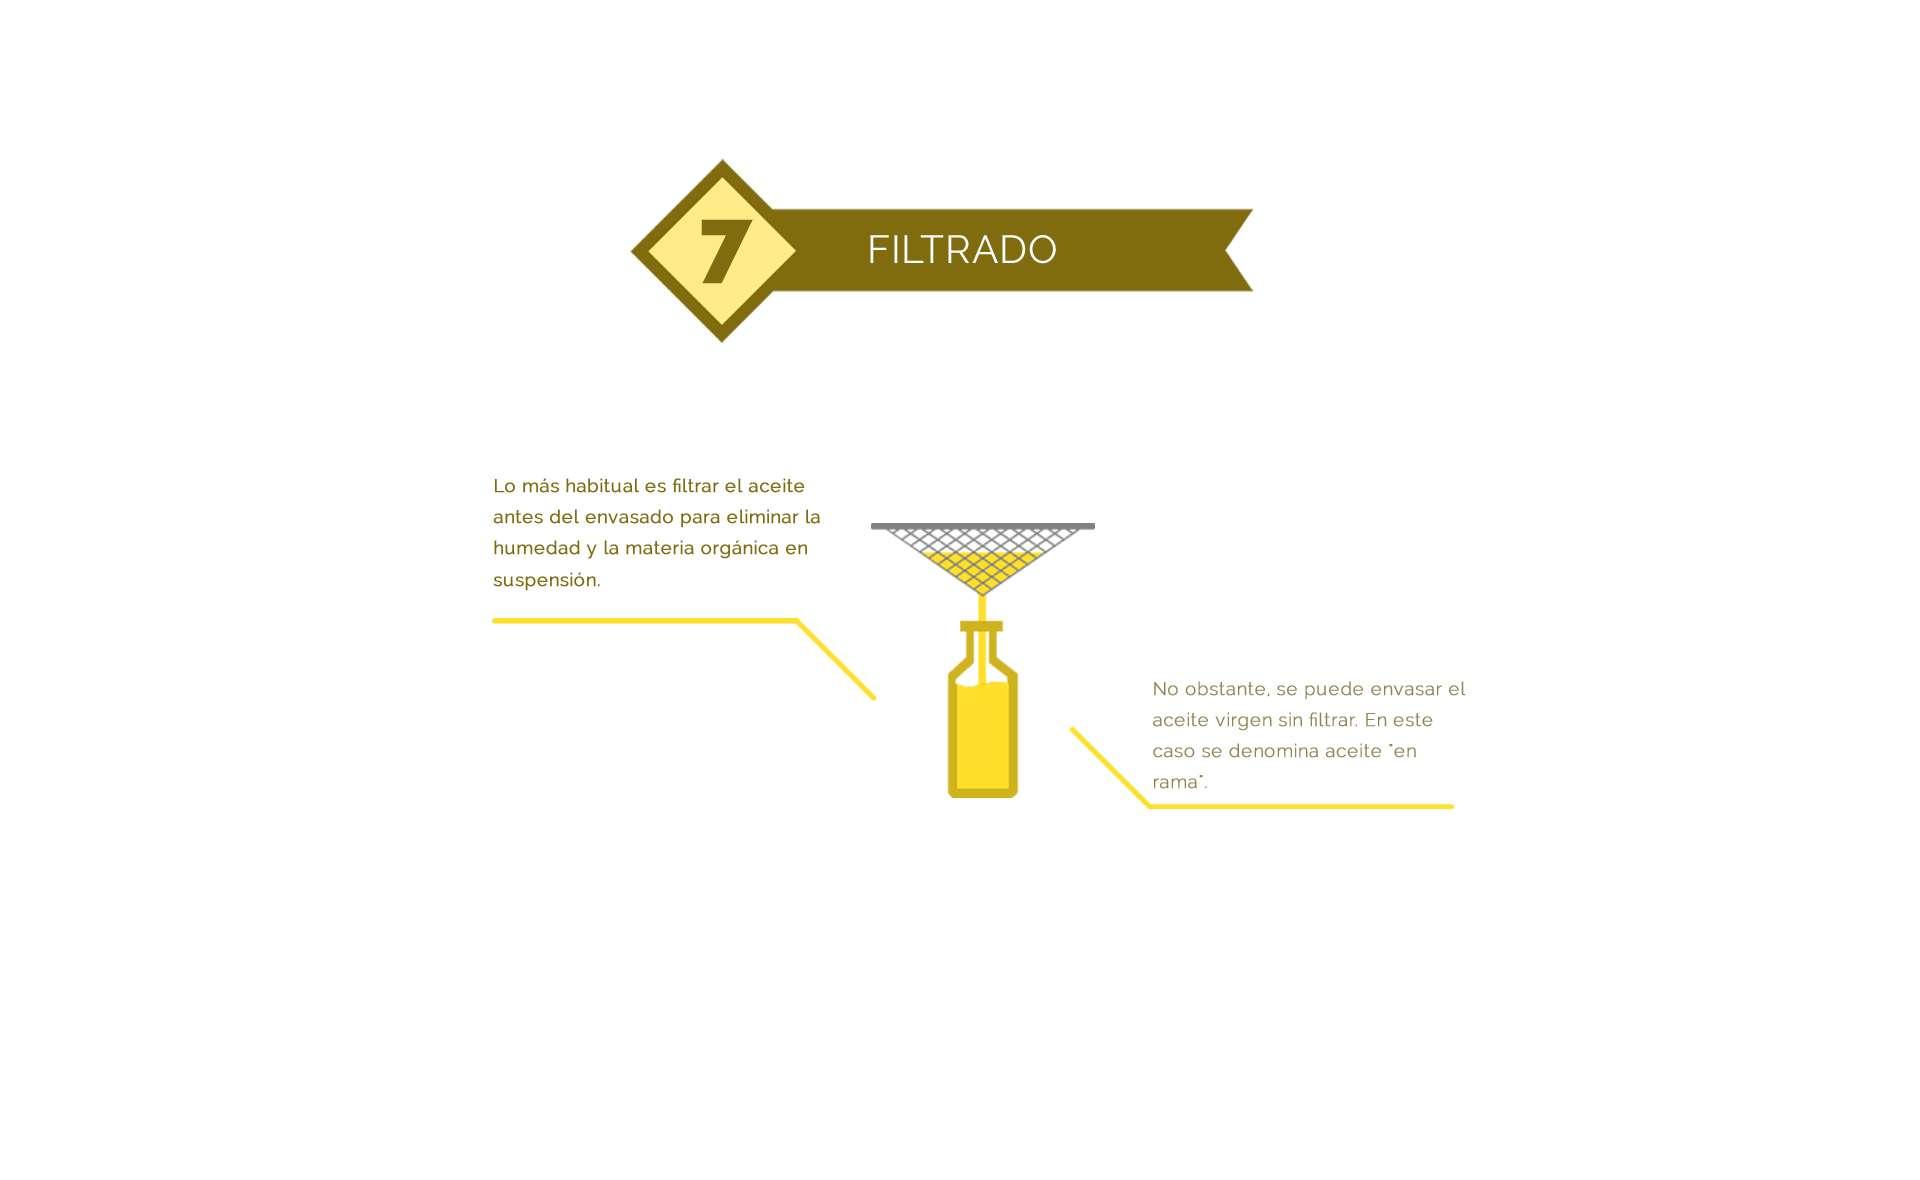 filtrado del aceite de oliva